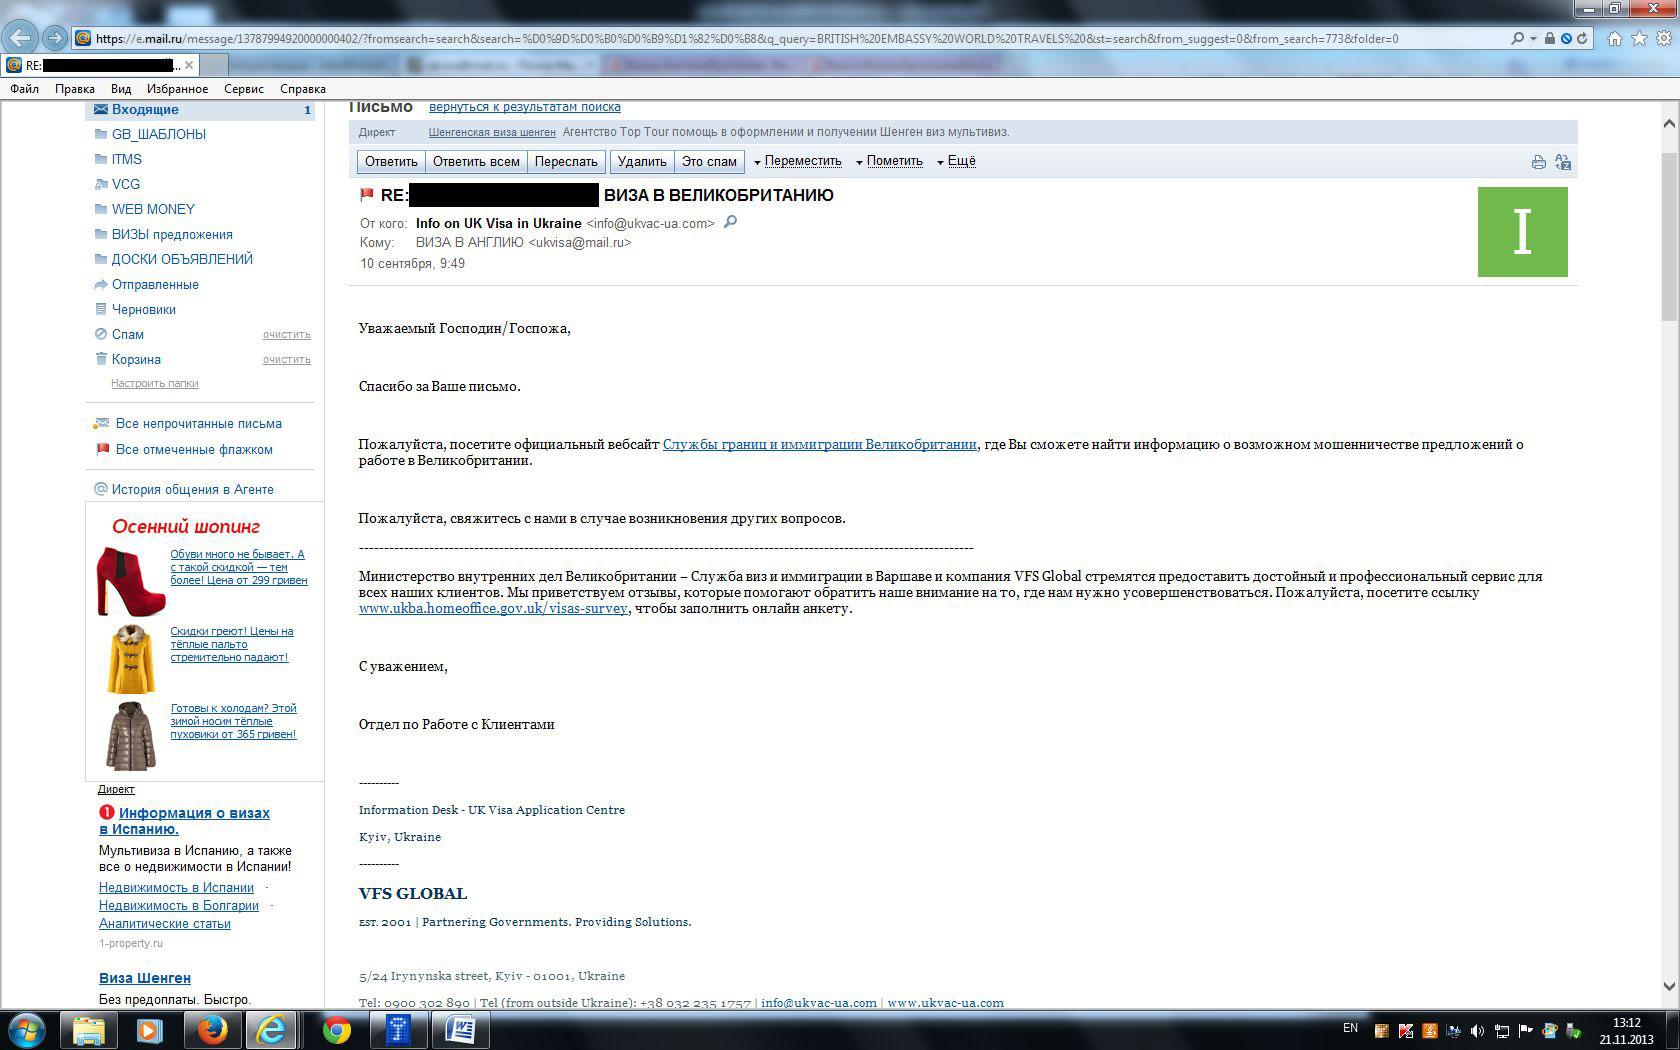 Мошенничество при оформлении английских виз Виза в Англию  Мошенничество при оформлении английских виз